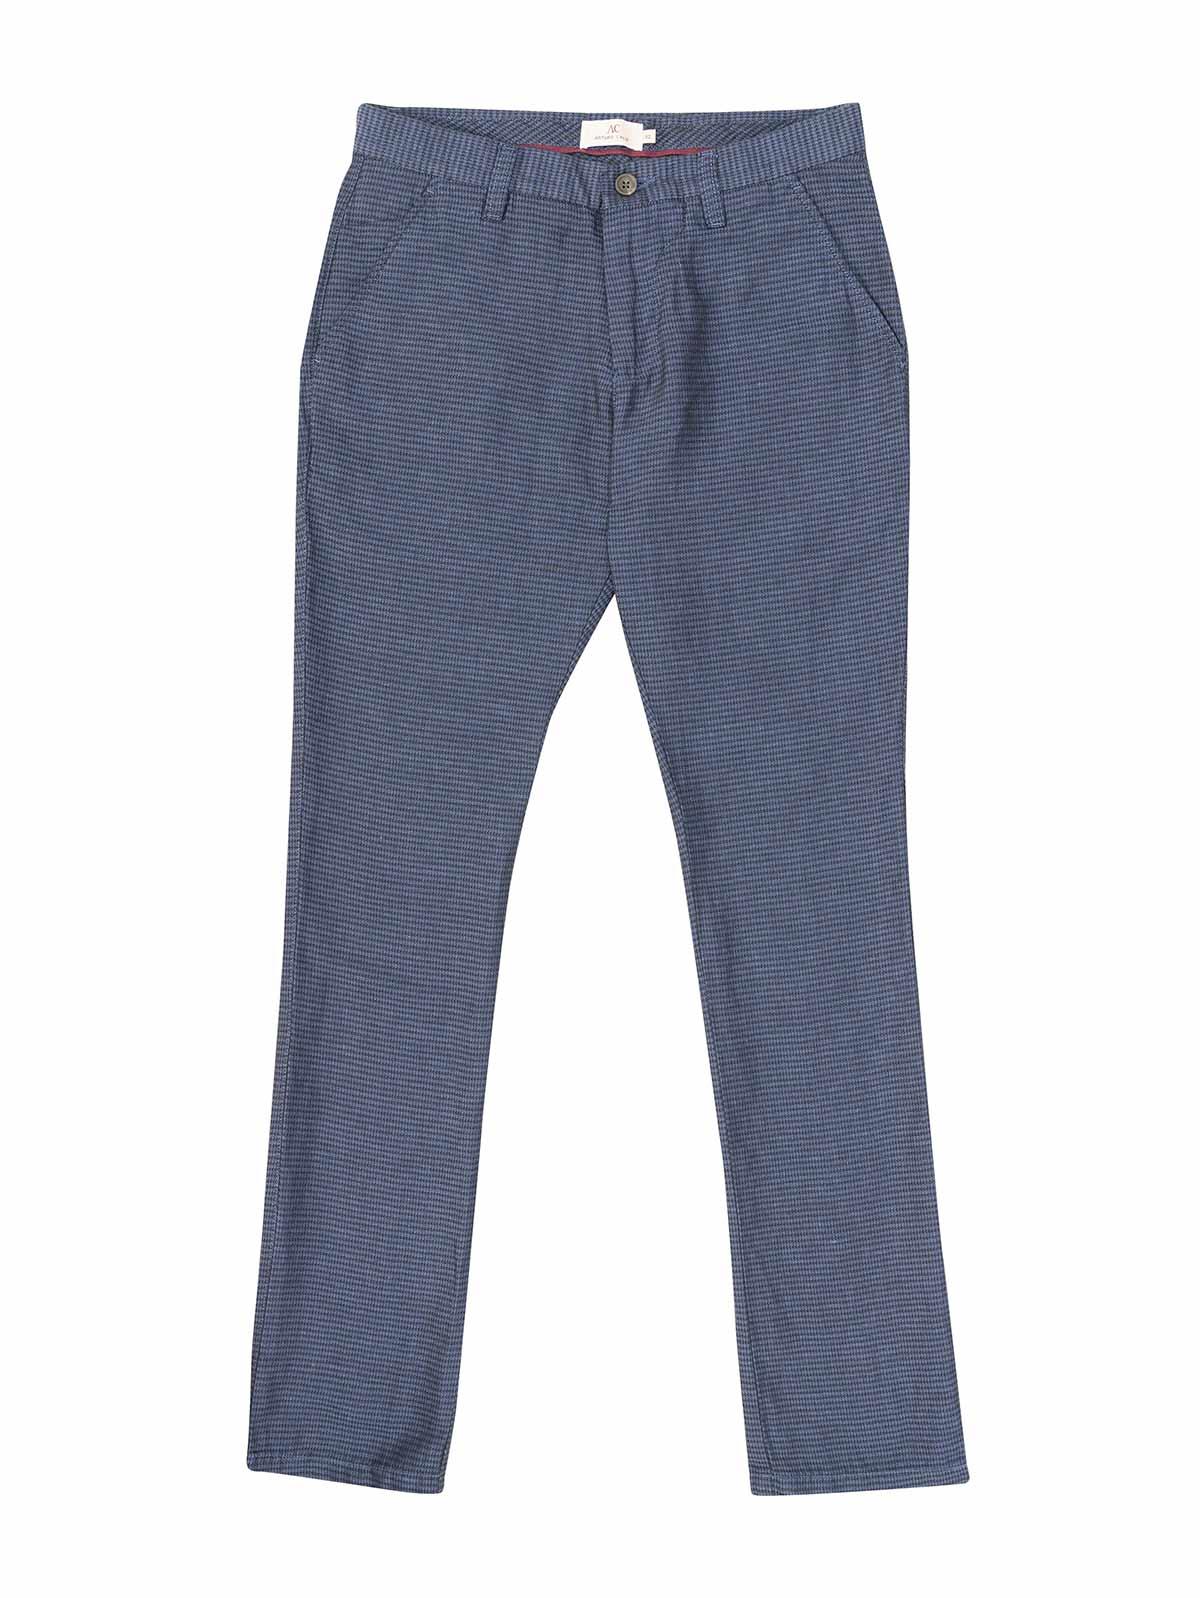 Pantalon En Mezcla Lino Algodon Azul Con Textura Para Hombre 93228 Arturo Calle